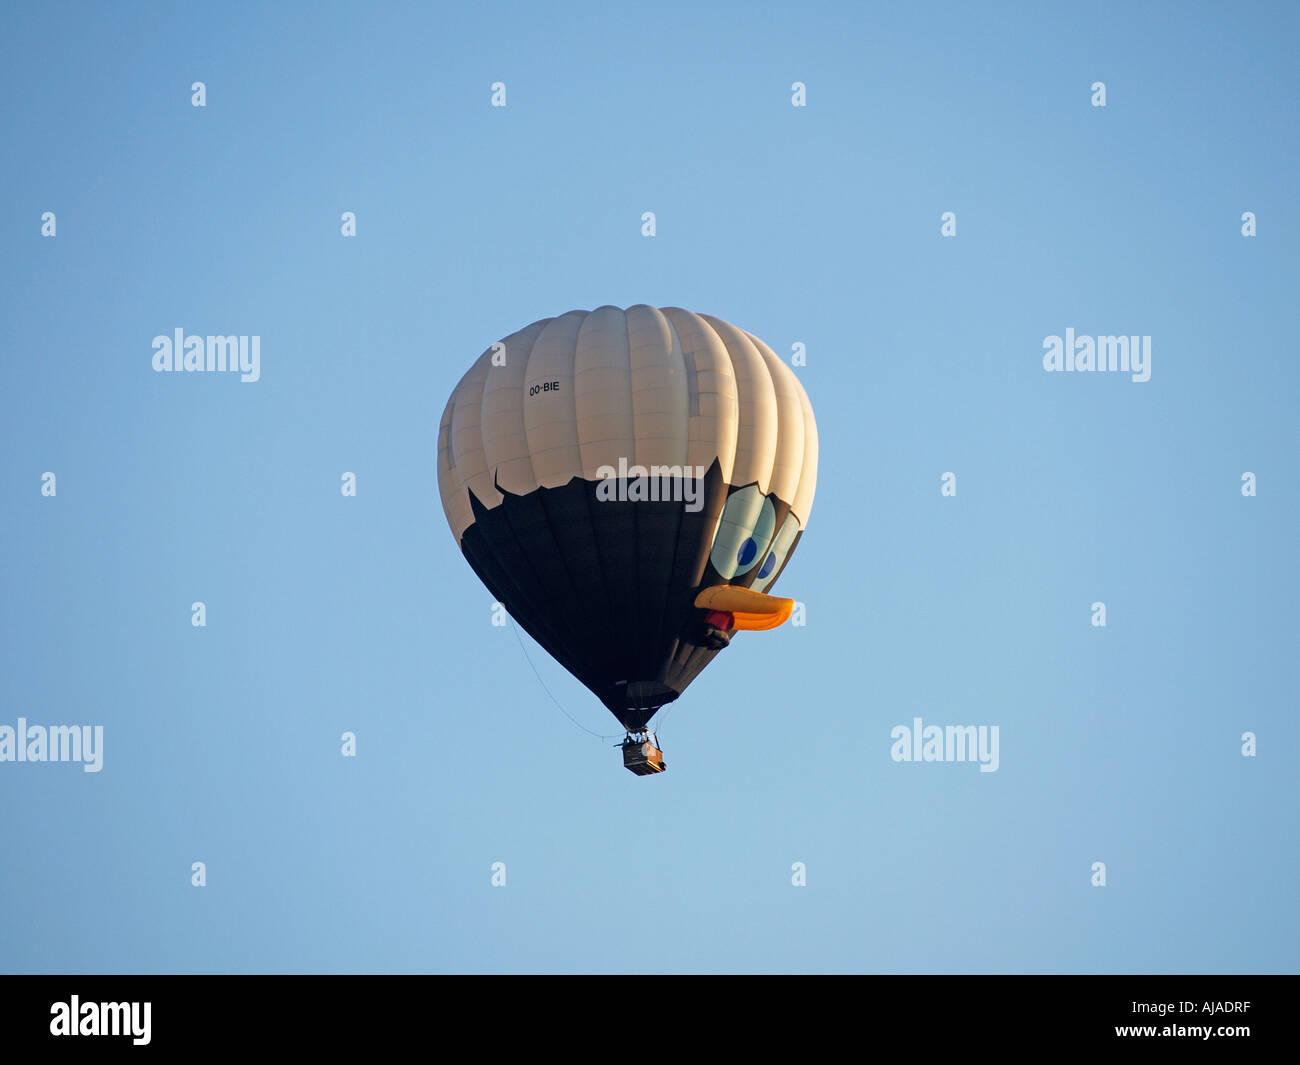 Calimero cartoon Charakter spezielle Form Heißluftballon Breda Ballonfahren Festival 2006 Niederlande Stockbild